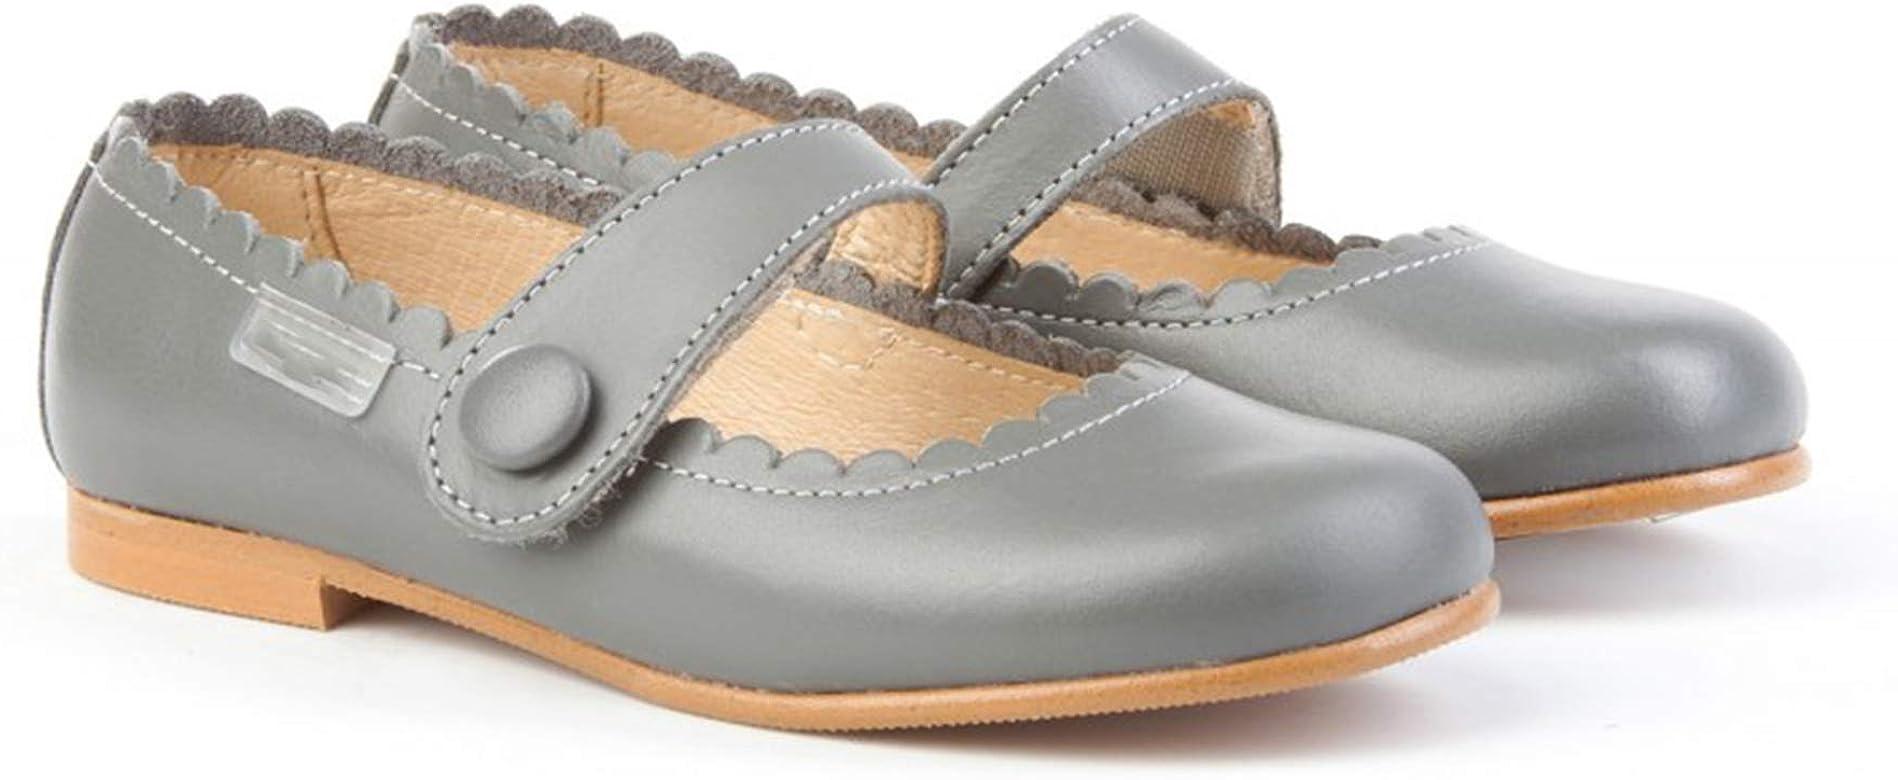 Zapatos Merceditas de niña con Cierre de Velcro. Este Zapato Francesita está Fabricado en Piel y Hecho en España - Mi Pequeña Modelo 1512I Color Gris.: Amazon.es: Zapatos y complementos